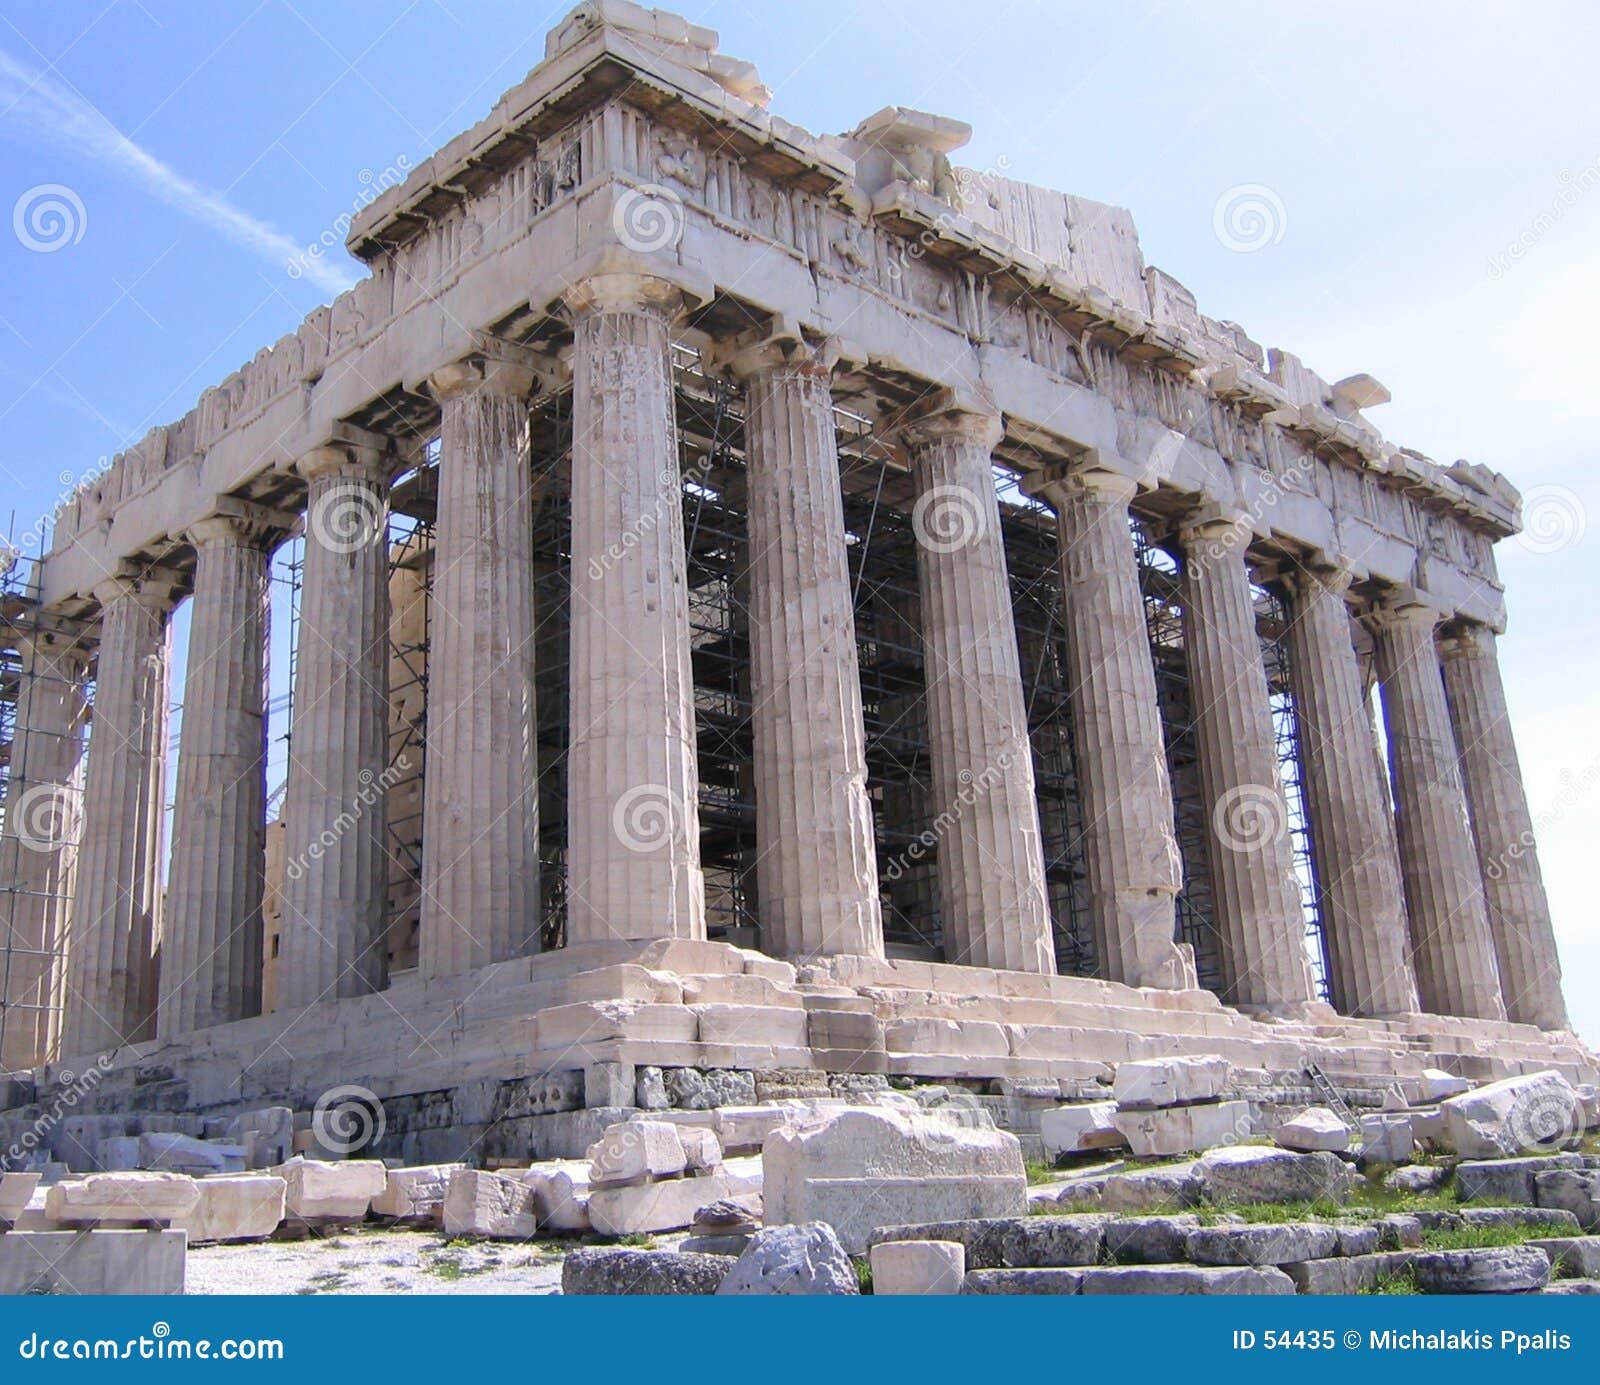 Parthenon bij Akropolis